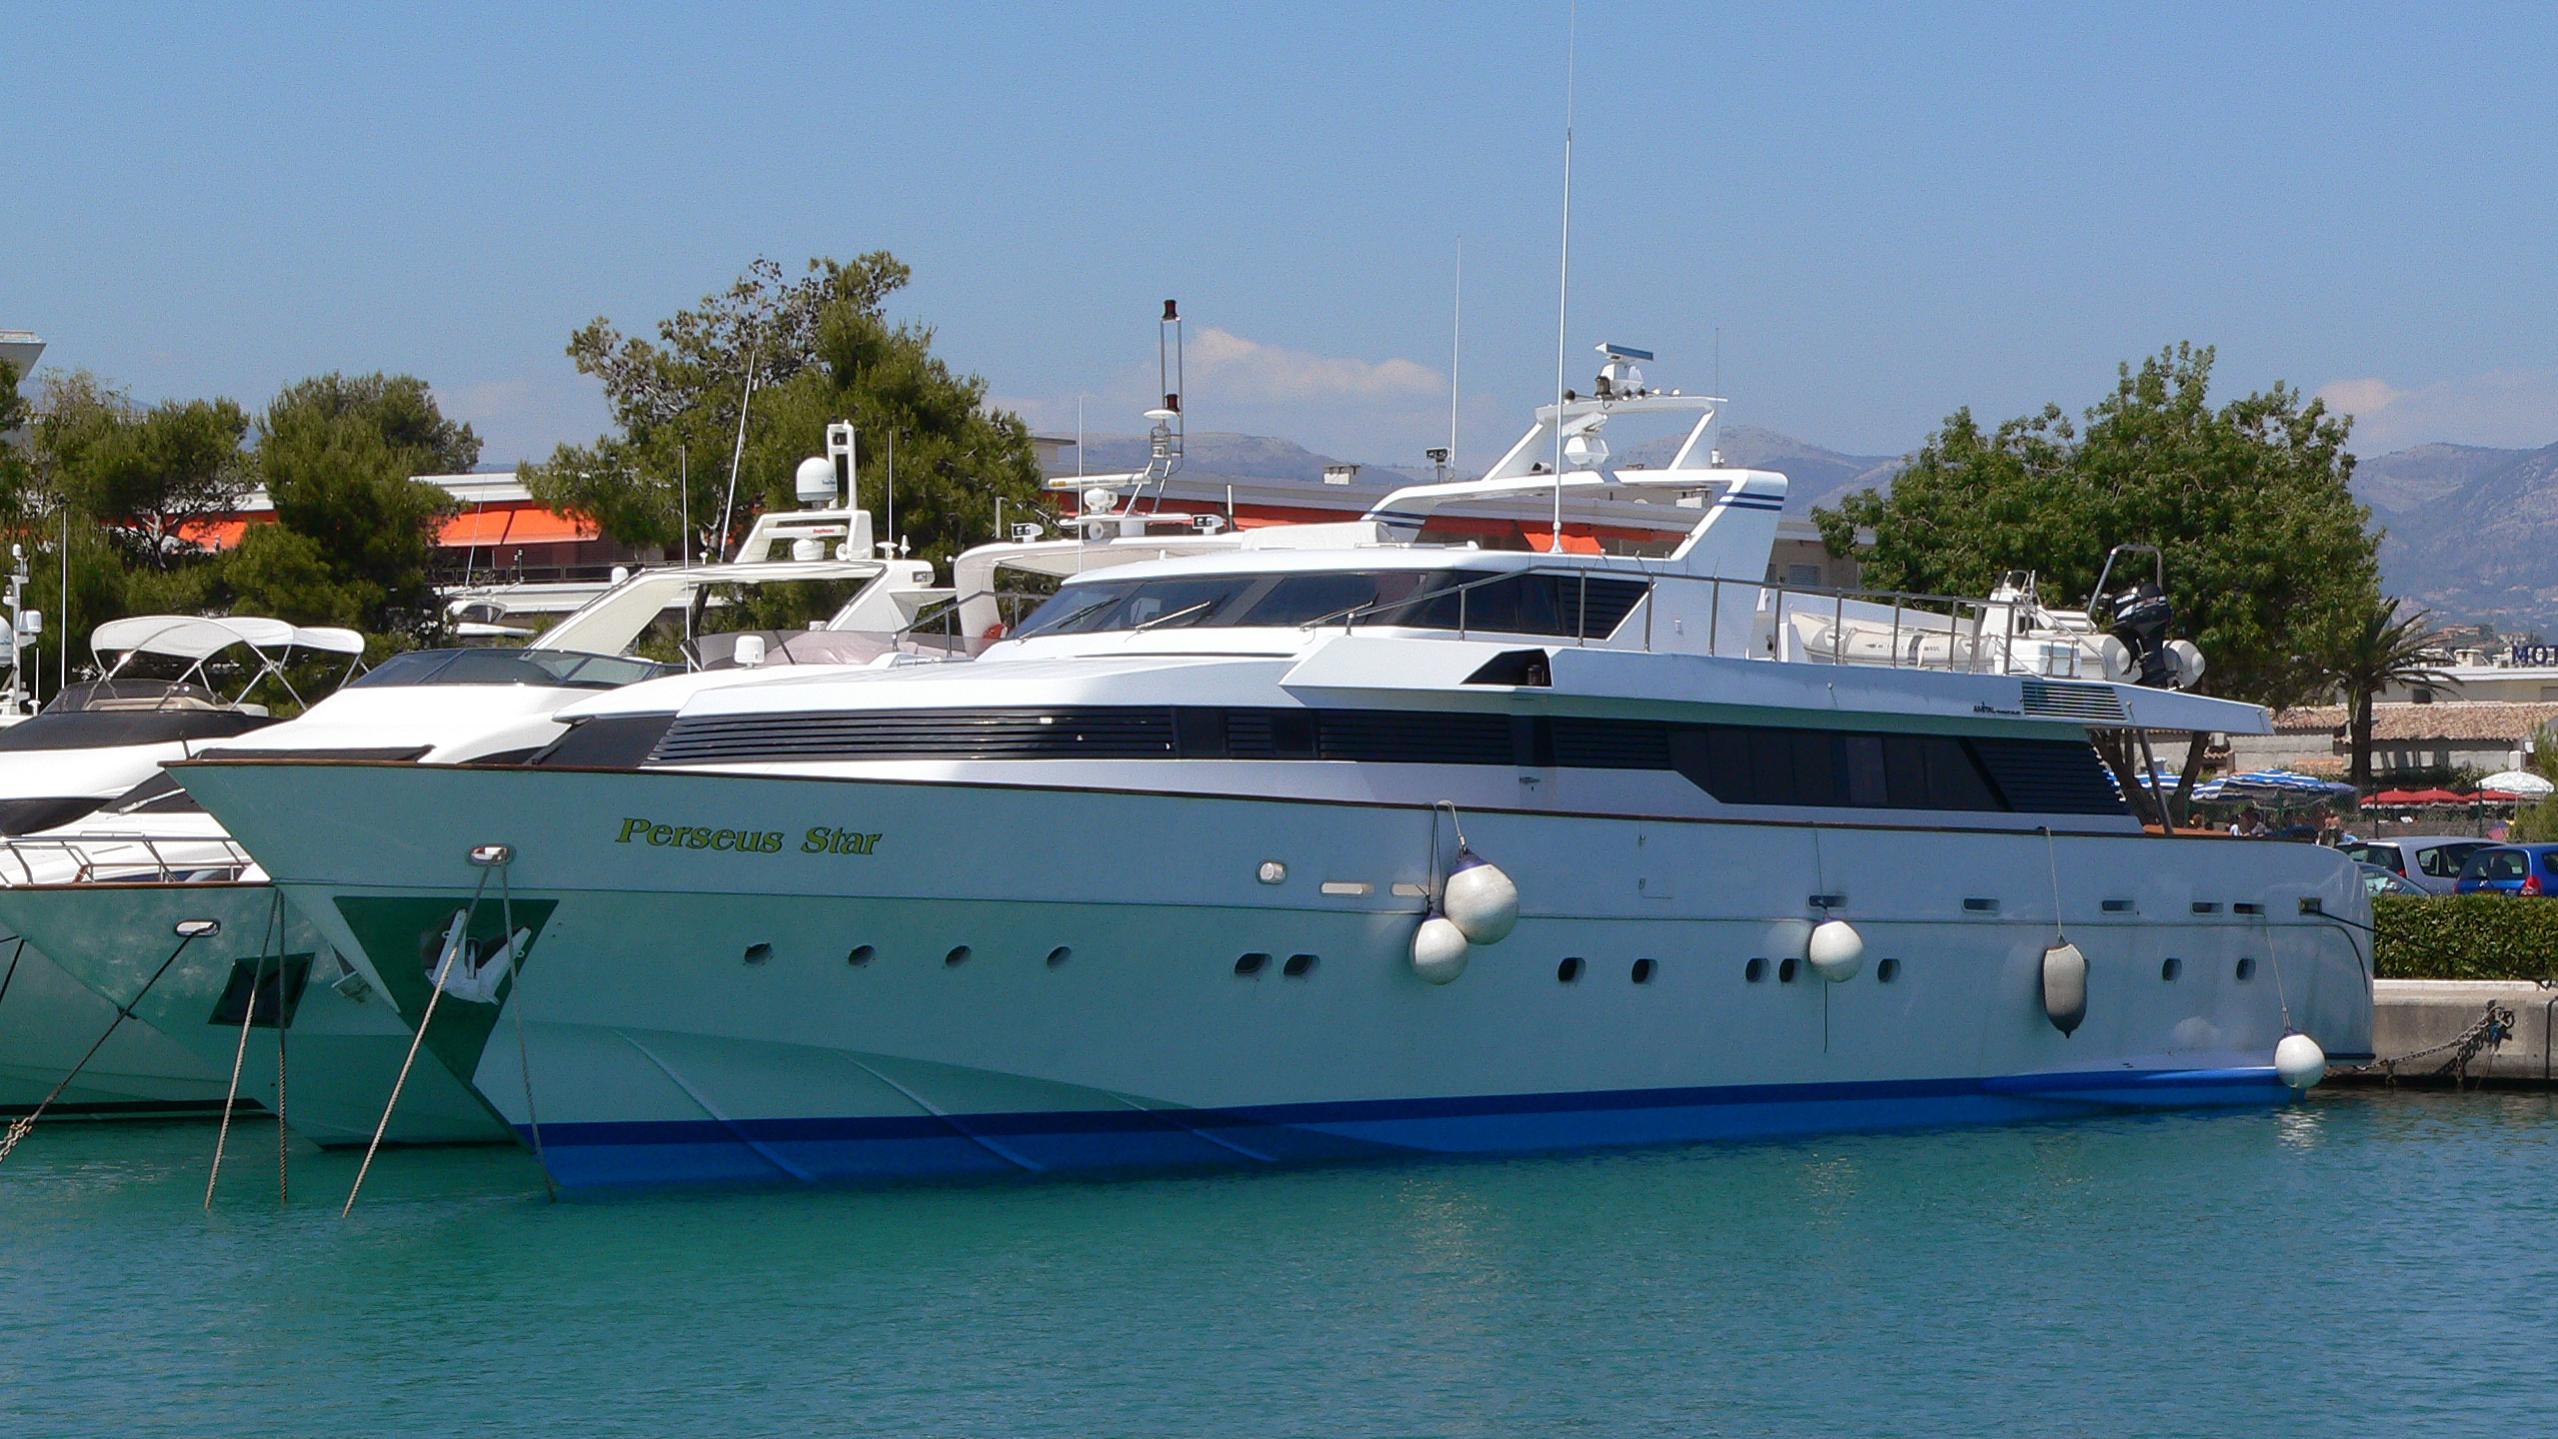 perseus-star-yacht-exterior